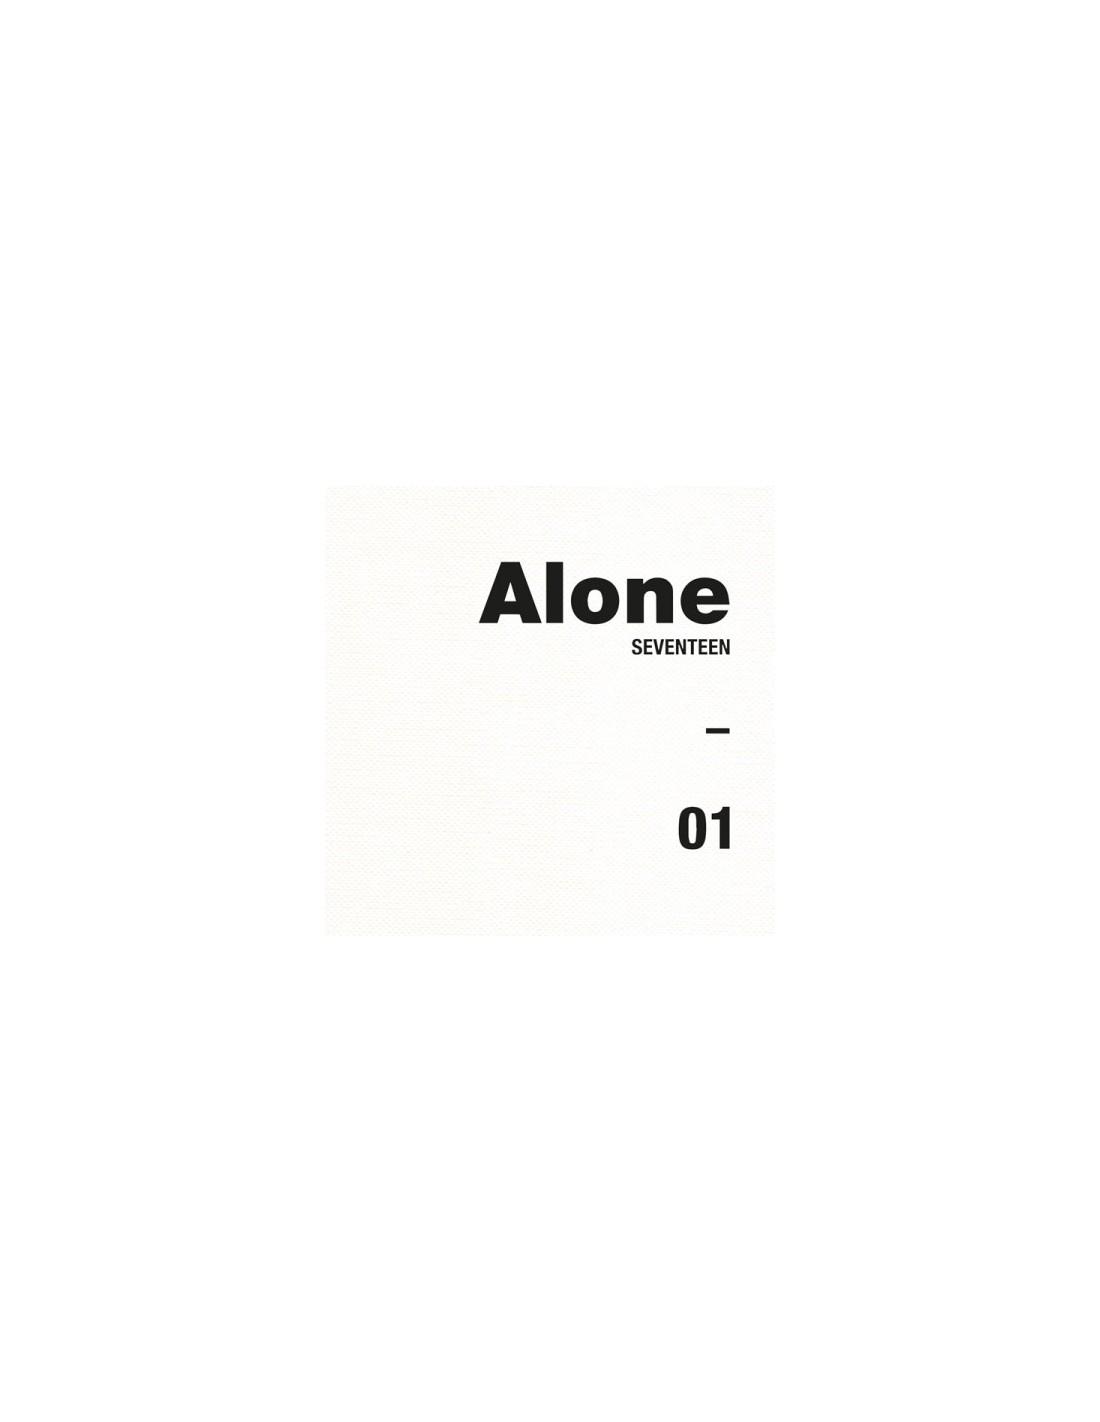 SEVENTEEN 4th Mini Album - AL1 (Ver 1 Alone [01]) CD